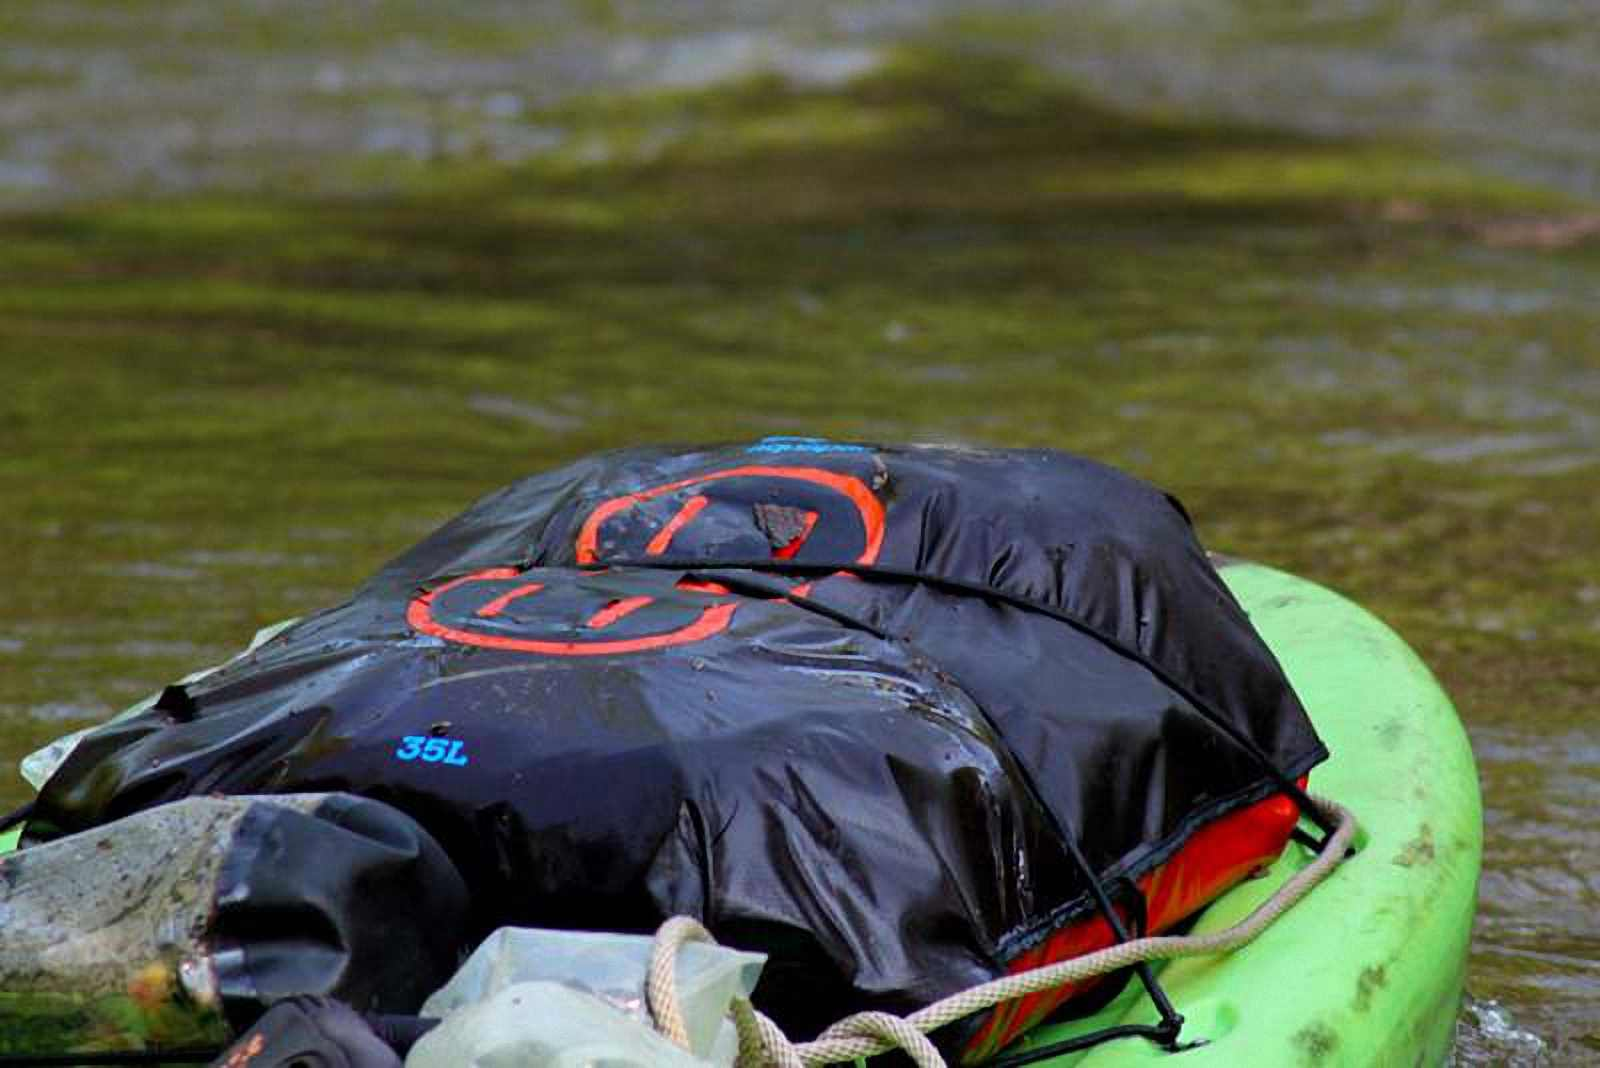 Водонепроницаемый гермомешок-рюкзак (с двумя плечевыми ремнями) Aquapac 778 - Noatak Wet & Drybag - 25L.. Aquapac - №1 в мире водонепроницаемых чехлов и сумок. Фото 9